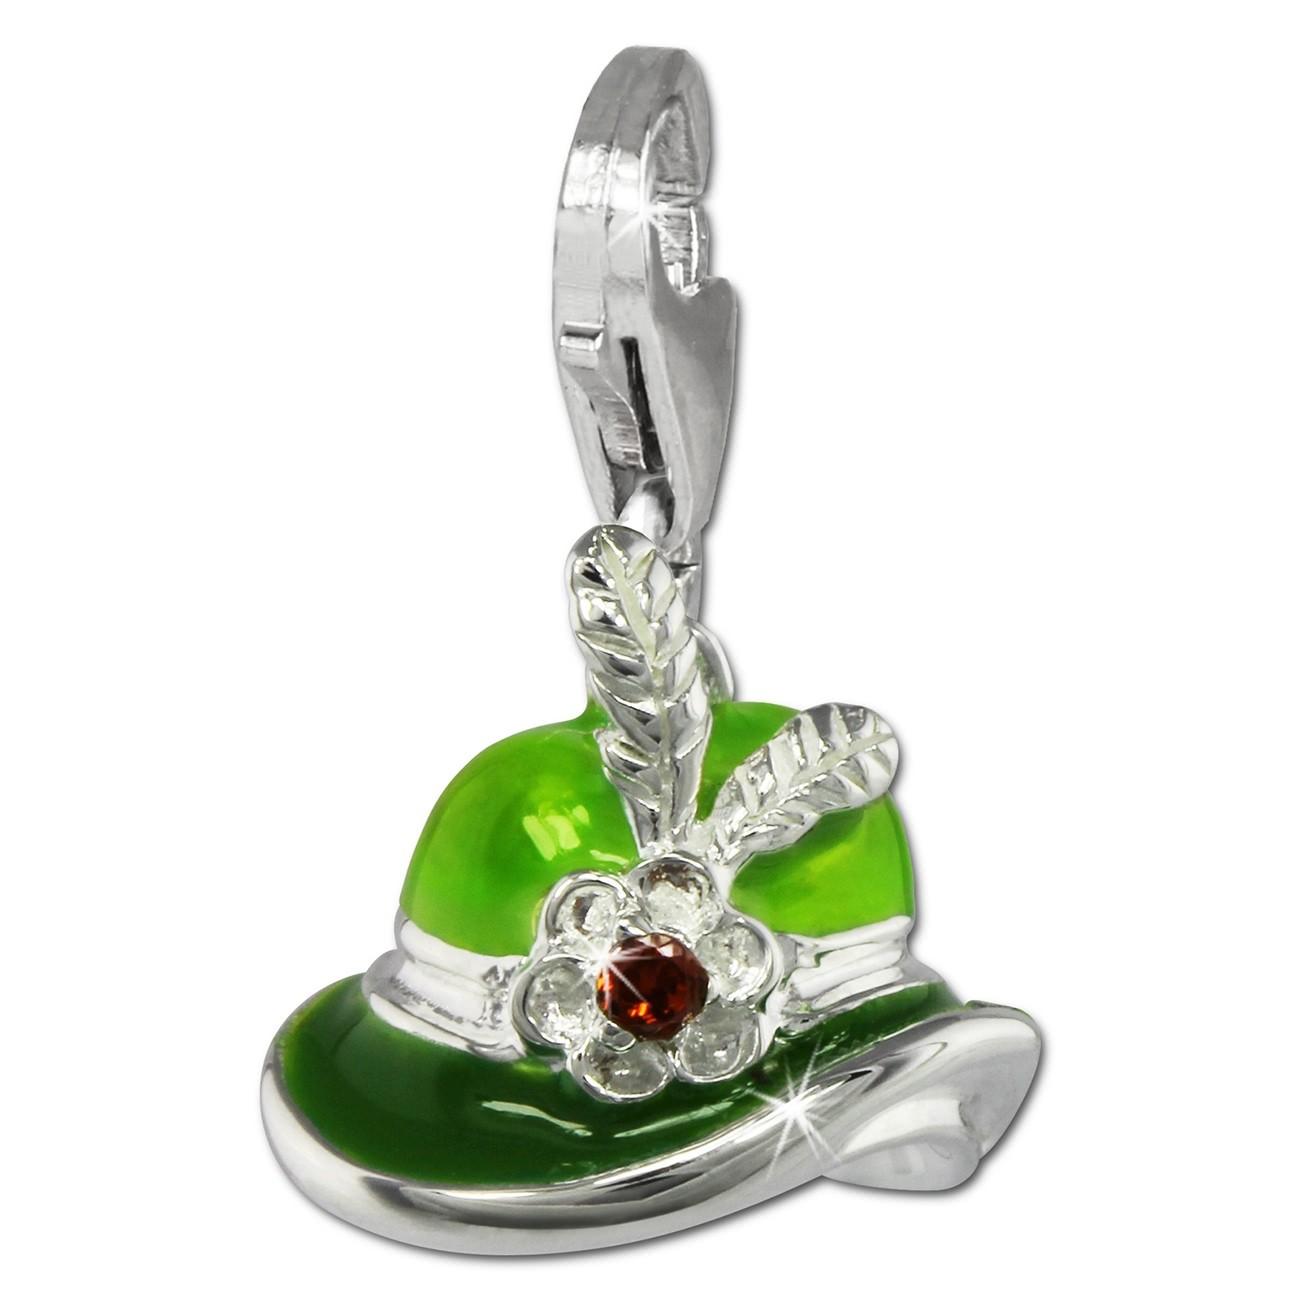 SilberDream Charm Damenhut grün 925er Silber Armband Anhänger FC861L